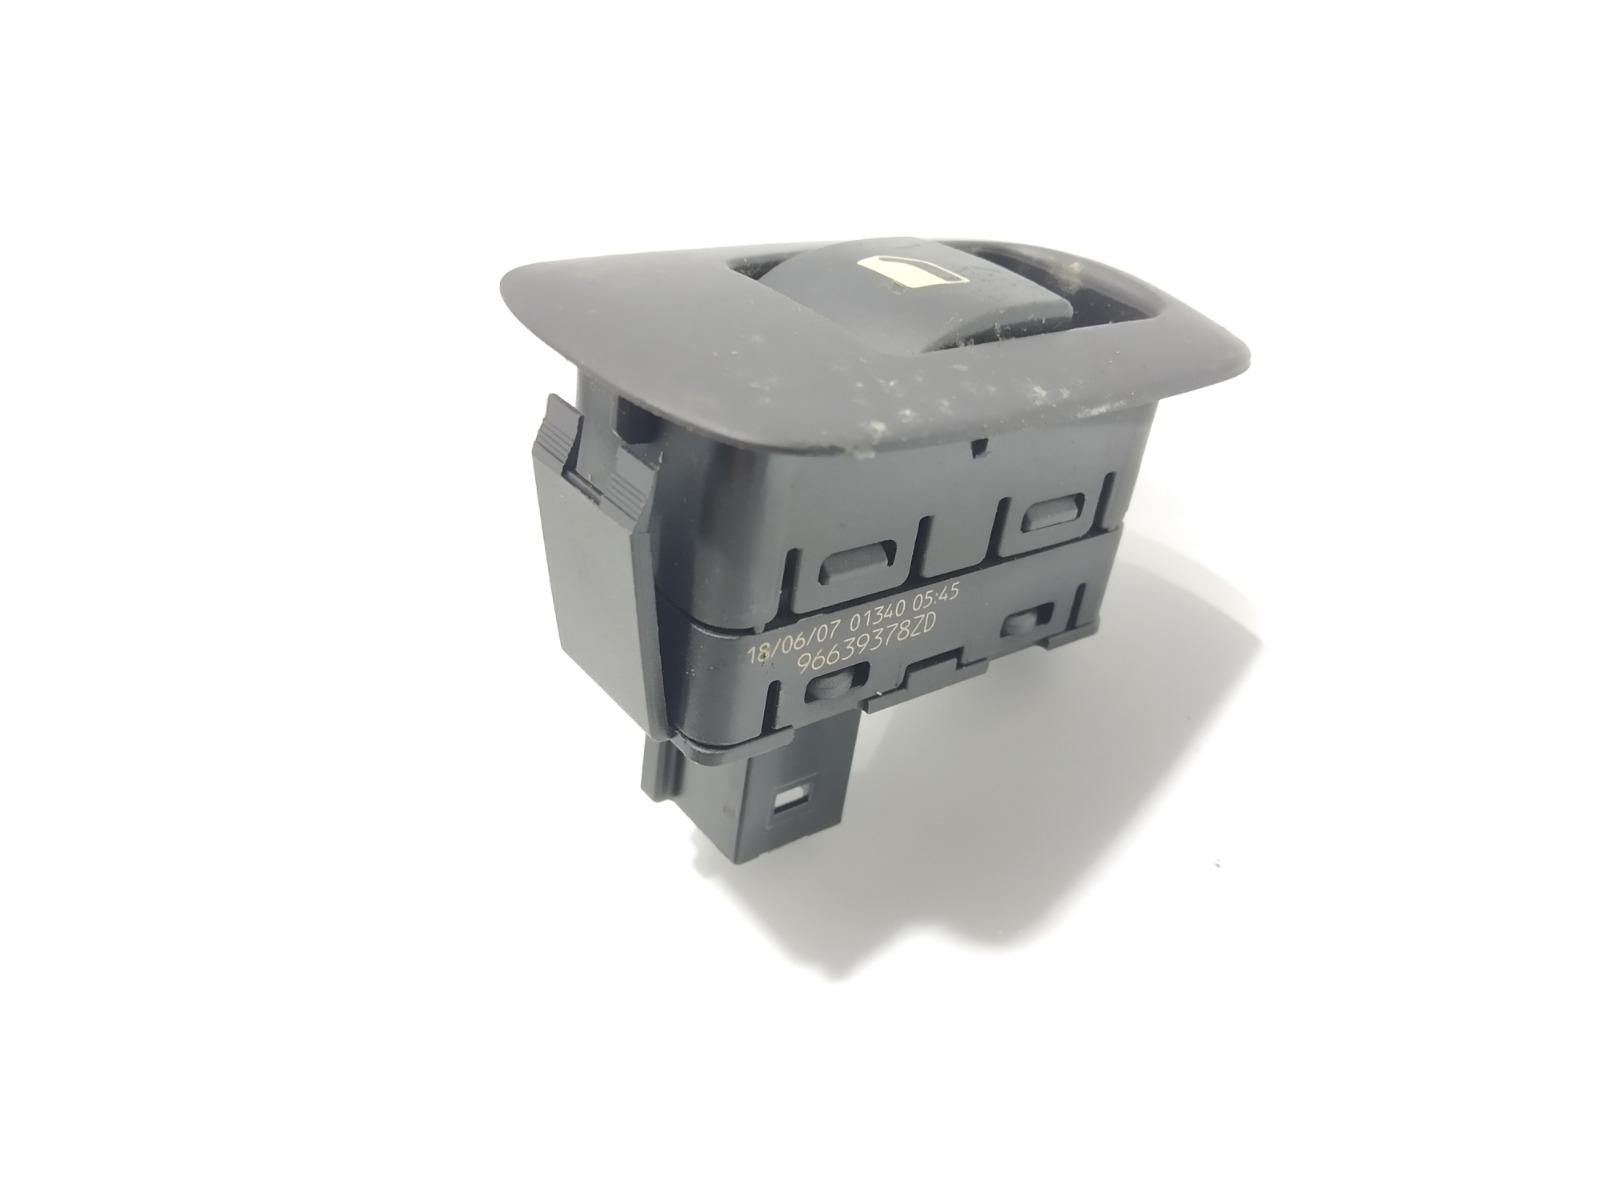 Кнопка стеклоподъемника Citroen C4 Picasso 2.0 HDI 2008 (б/у)